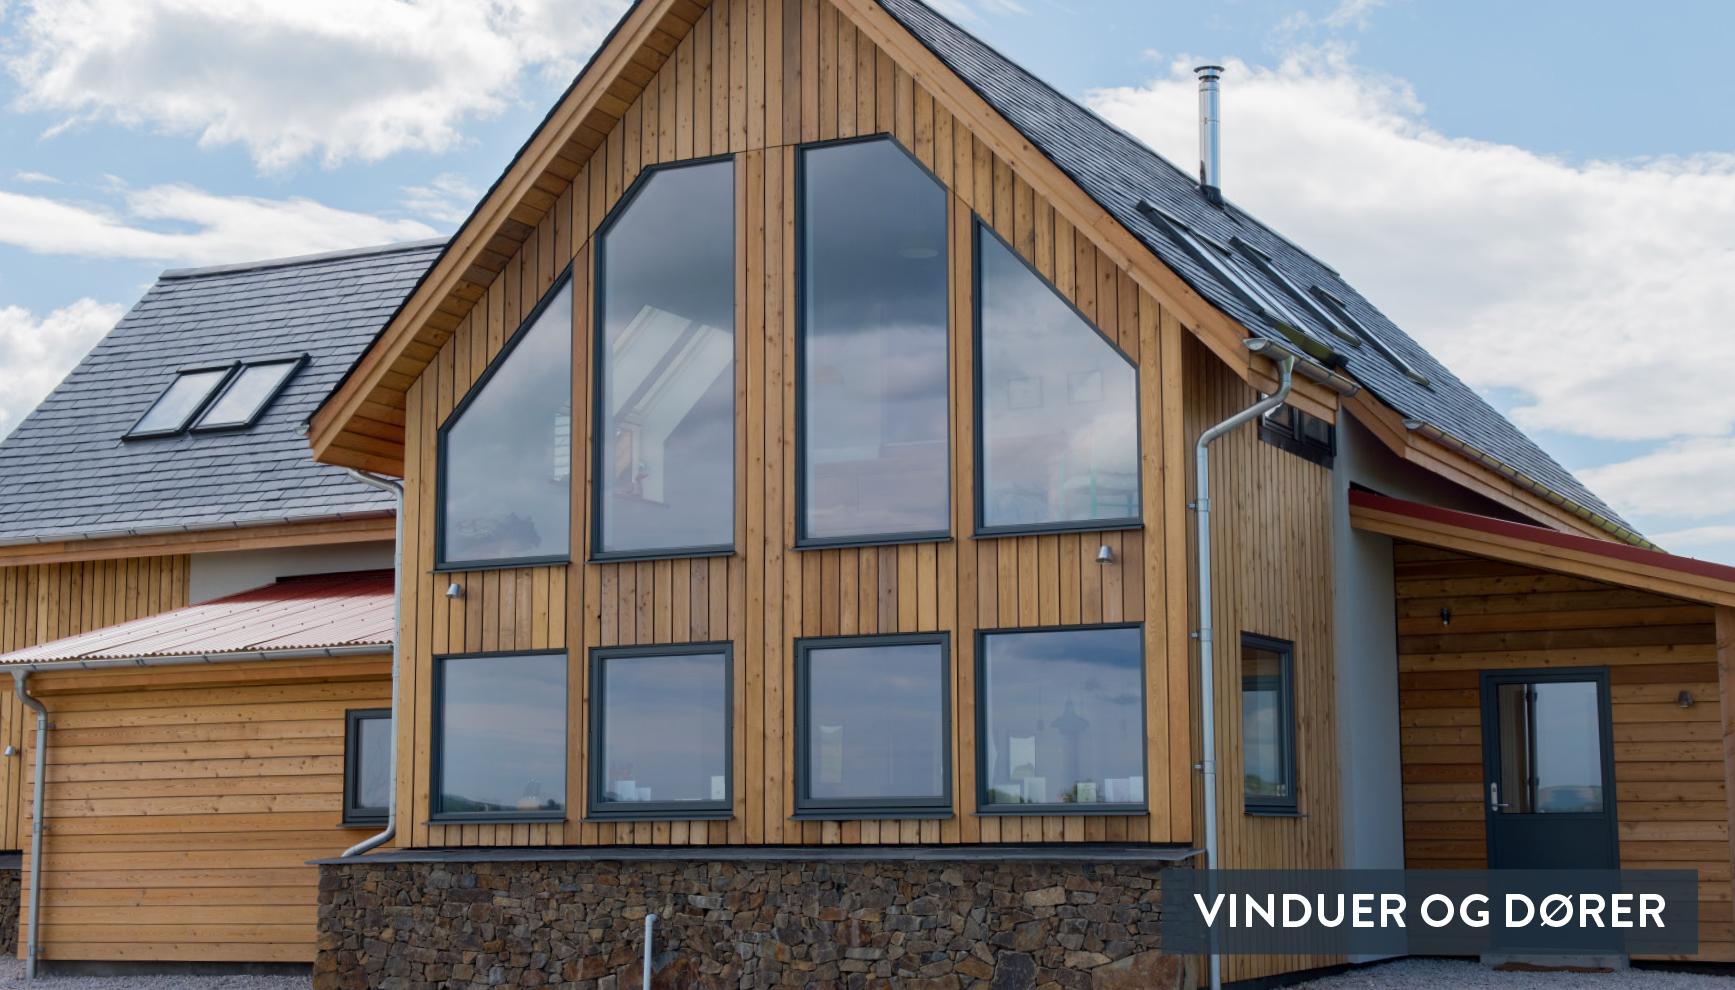 Bytt til nye vinduer og dører i samme stil som de gamle